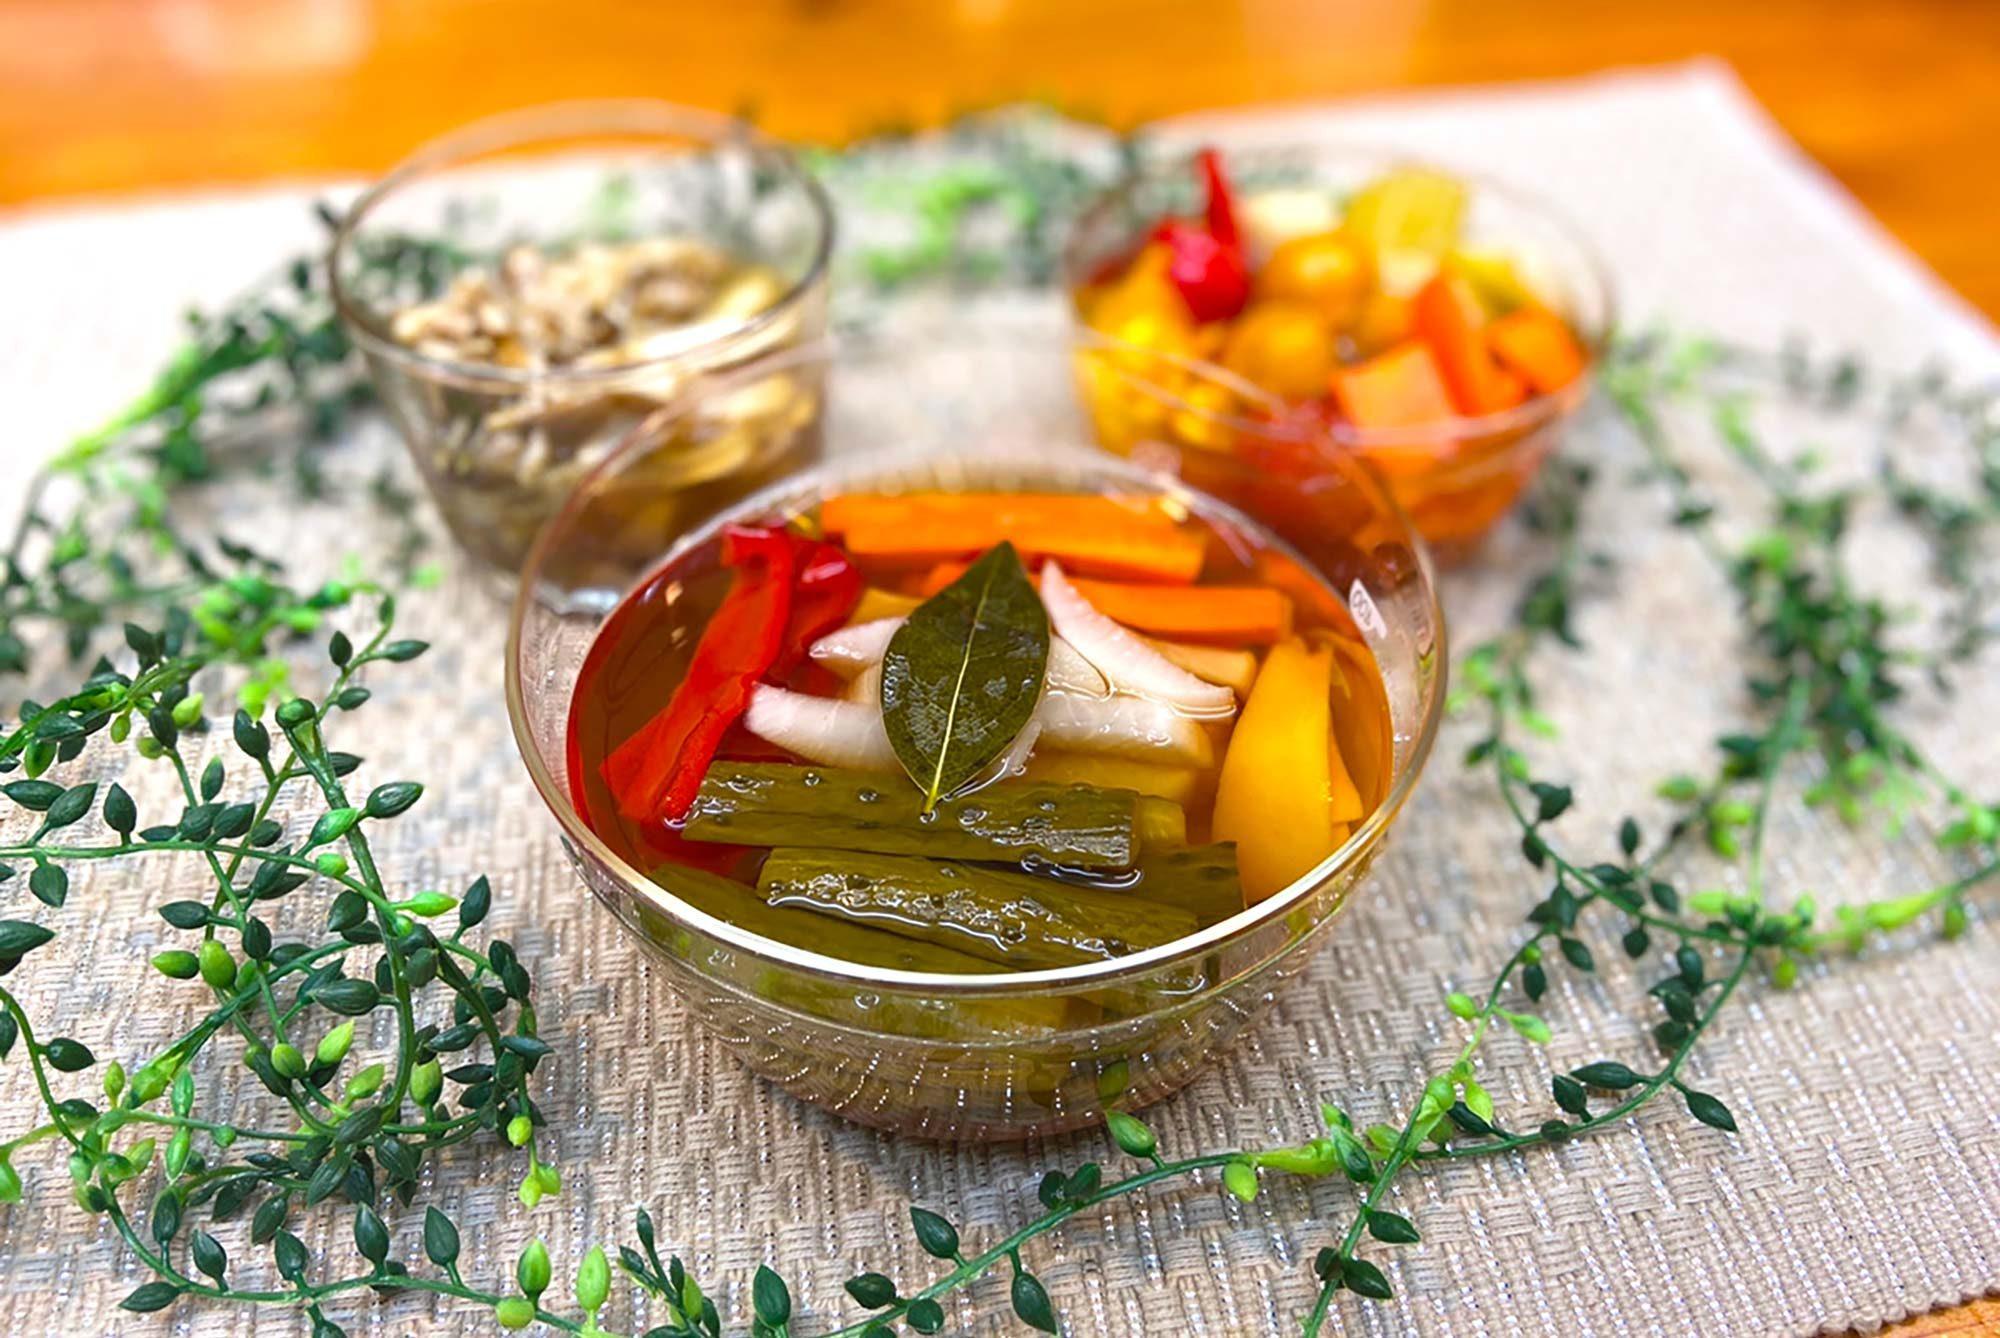 10分でできる、簡単おしゃれピクルスのススメ。新鮮野菜でリフレッシュ